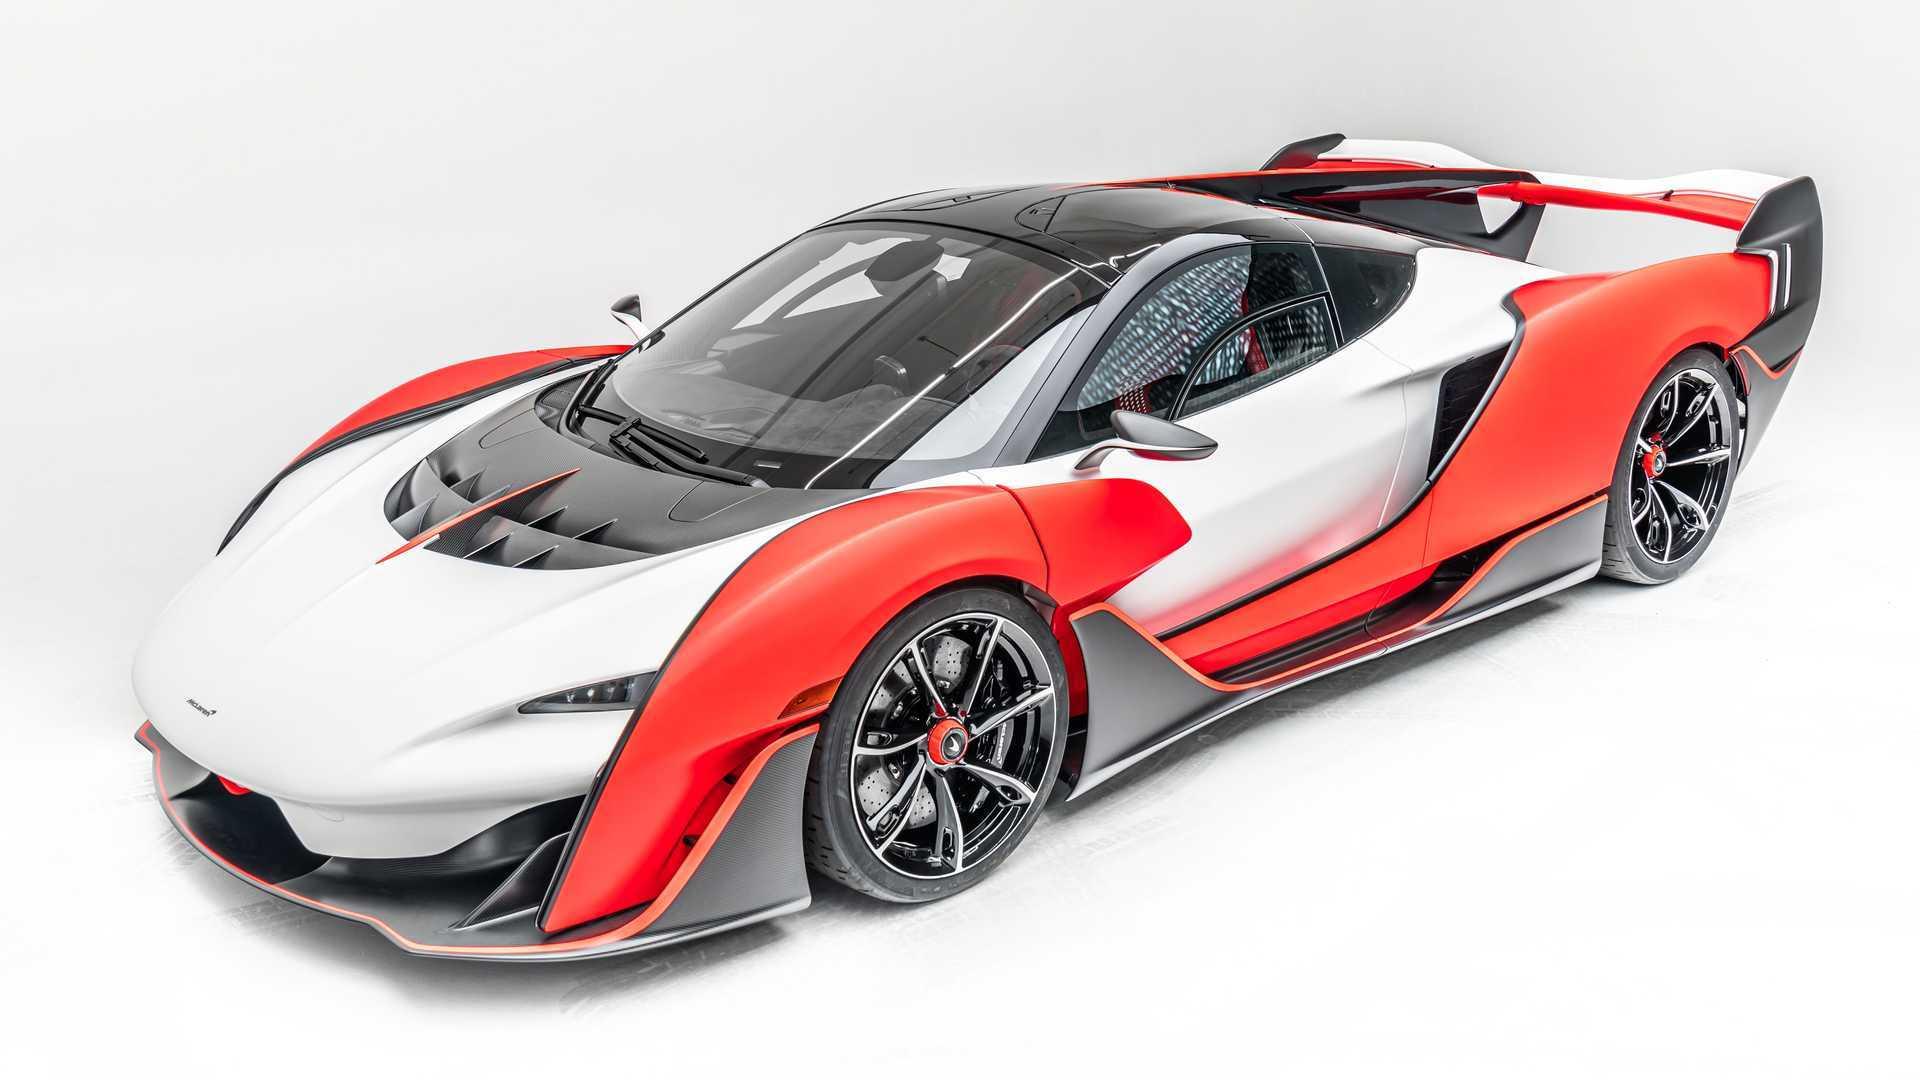 2021 McLaren Sabre Front